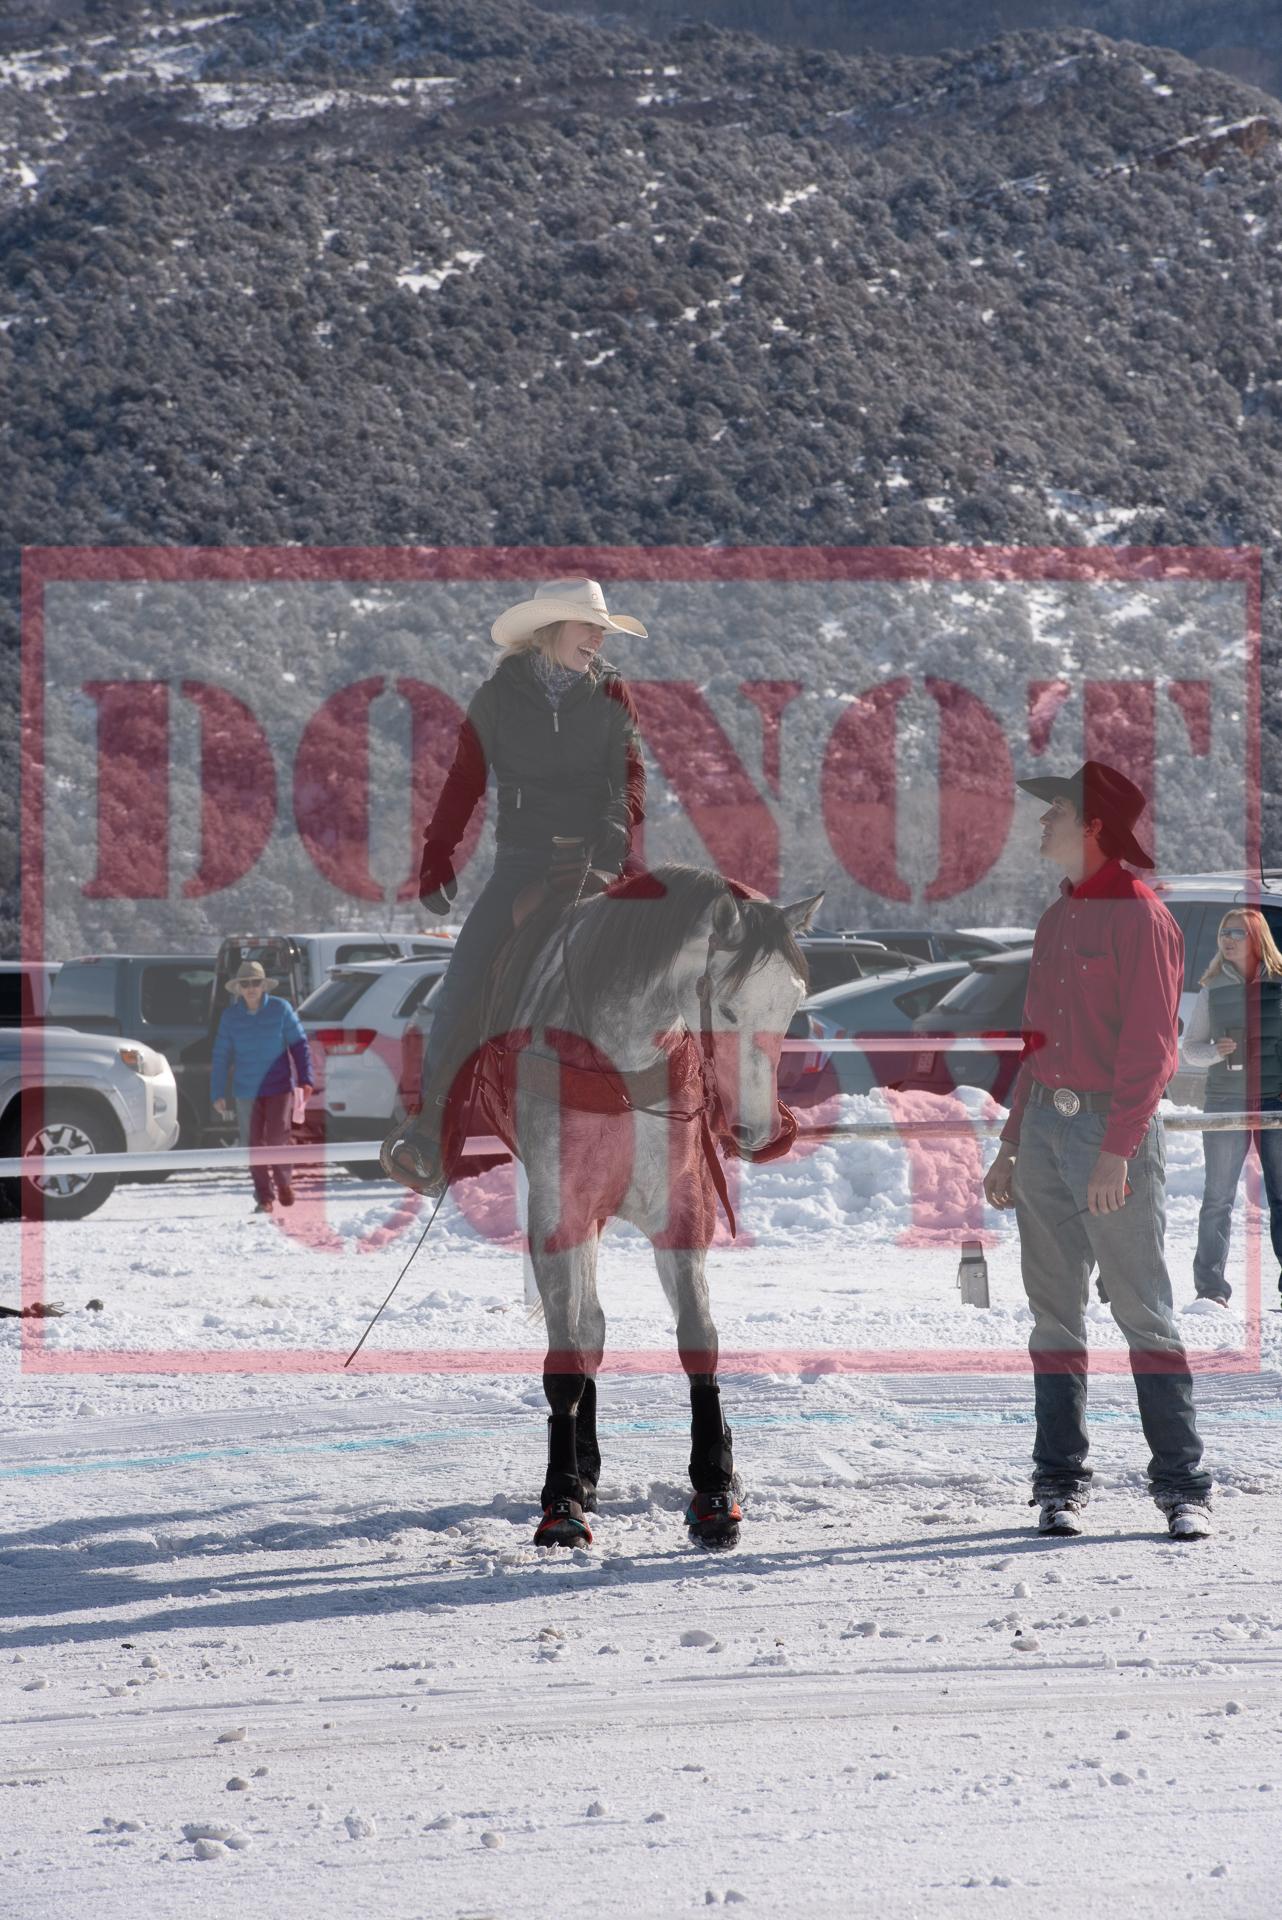 - Claudia Schmidt - Snowboard 11